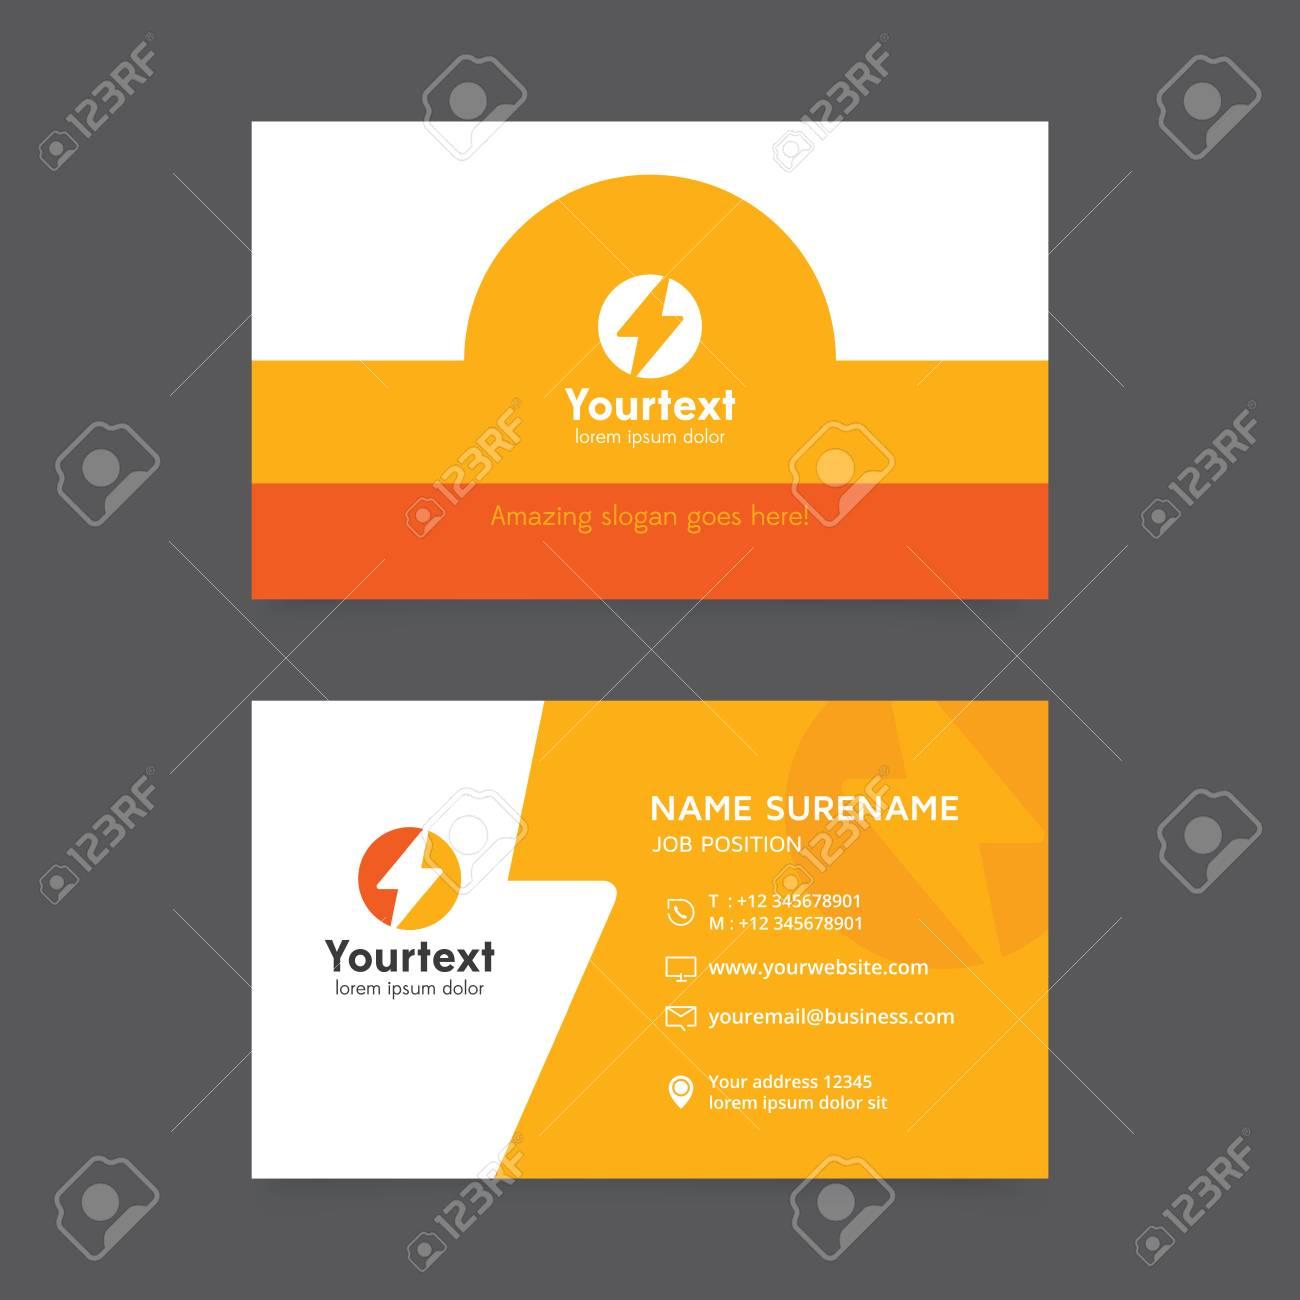 Carte De Visite Creative En Couleur Jaune Et Orange Vecteur Moderne Creatif Modele Design Plat Avec Logo Symbole